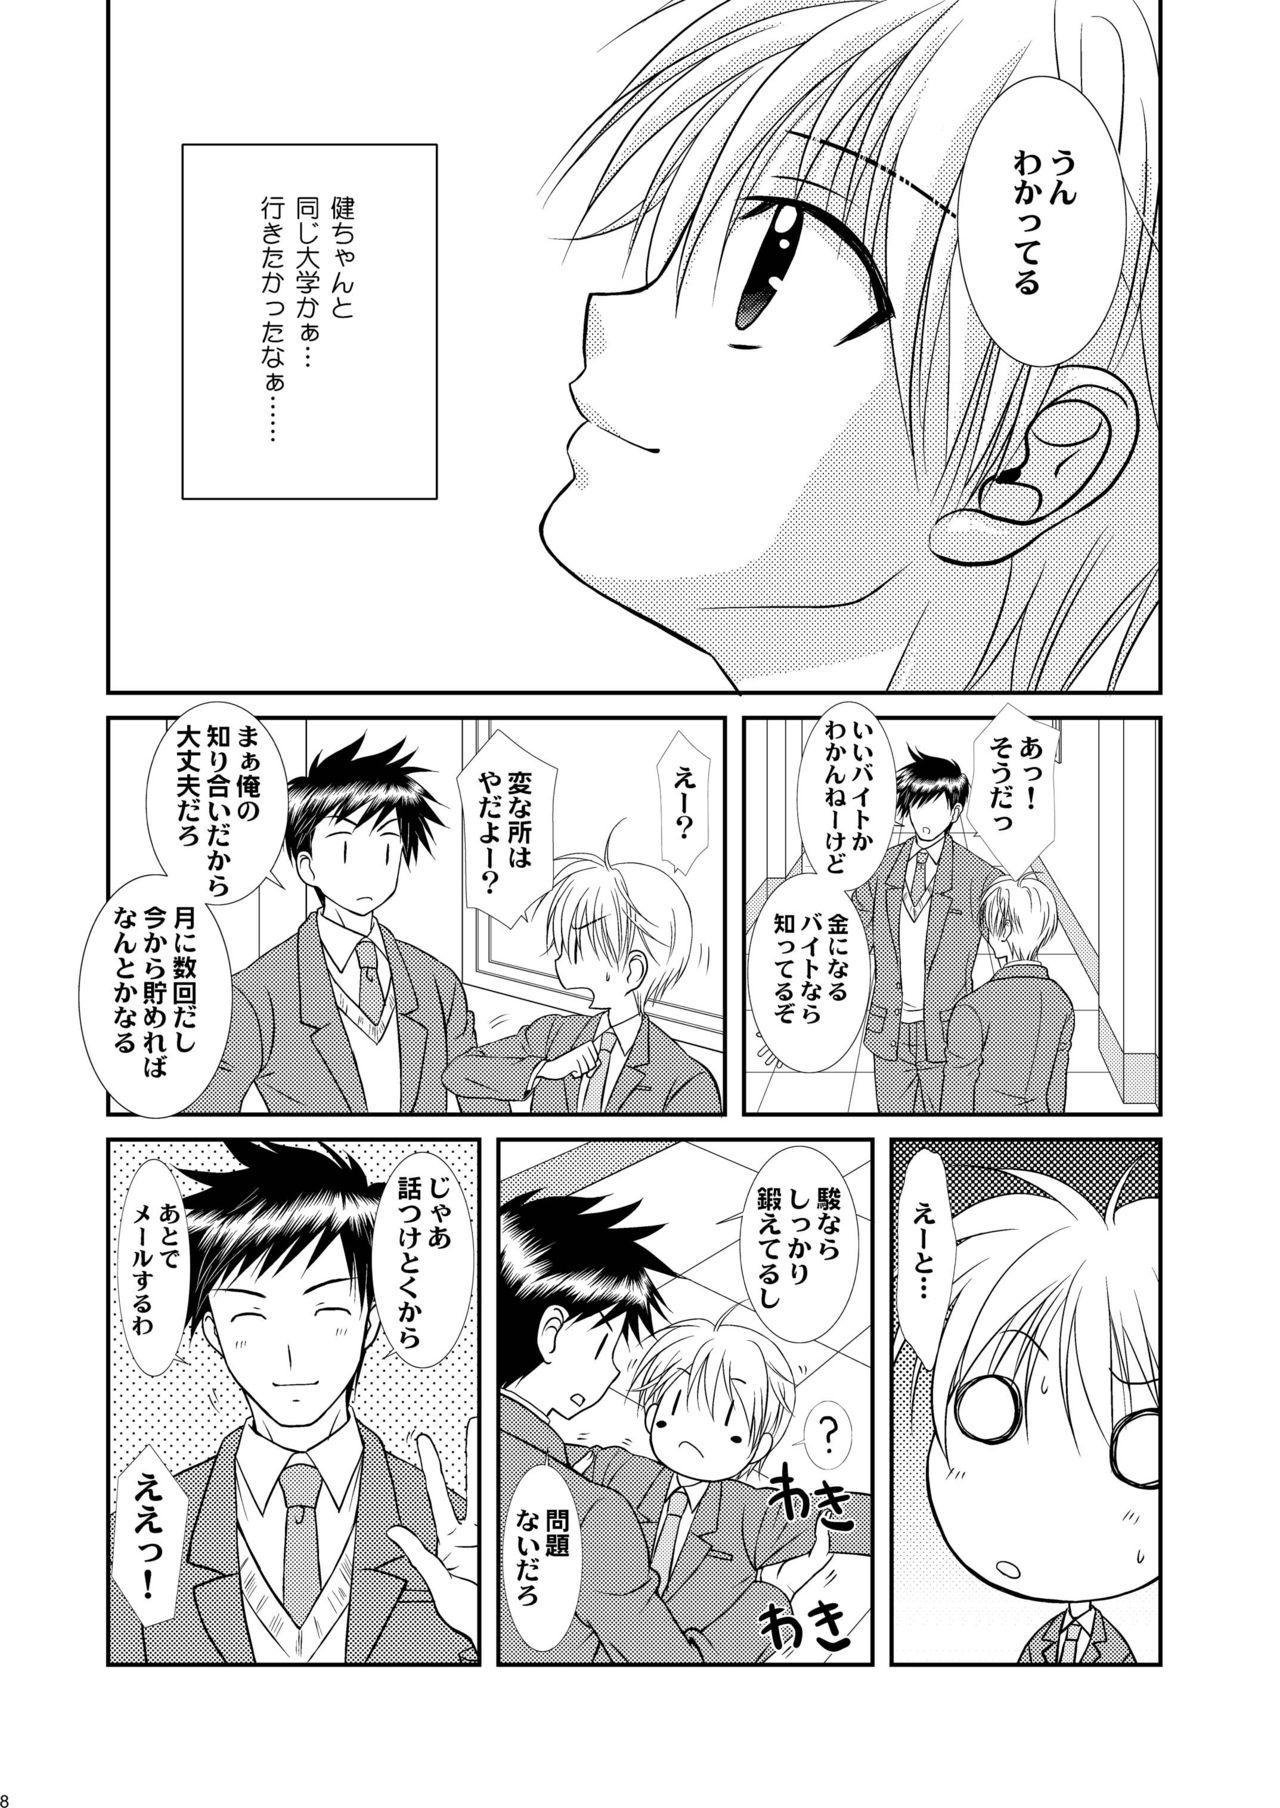 Ore to Senpai ga Shibarateru Wake. 7